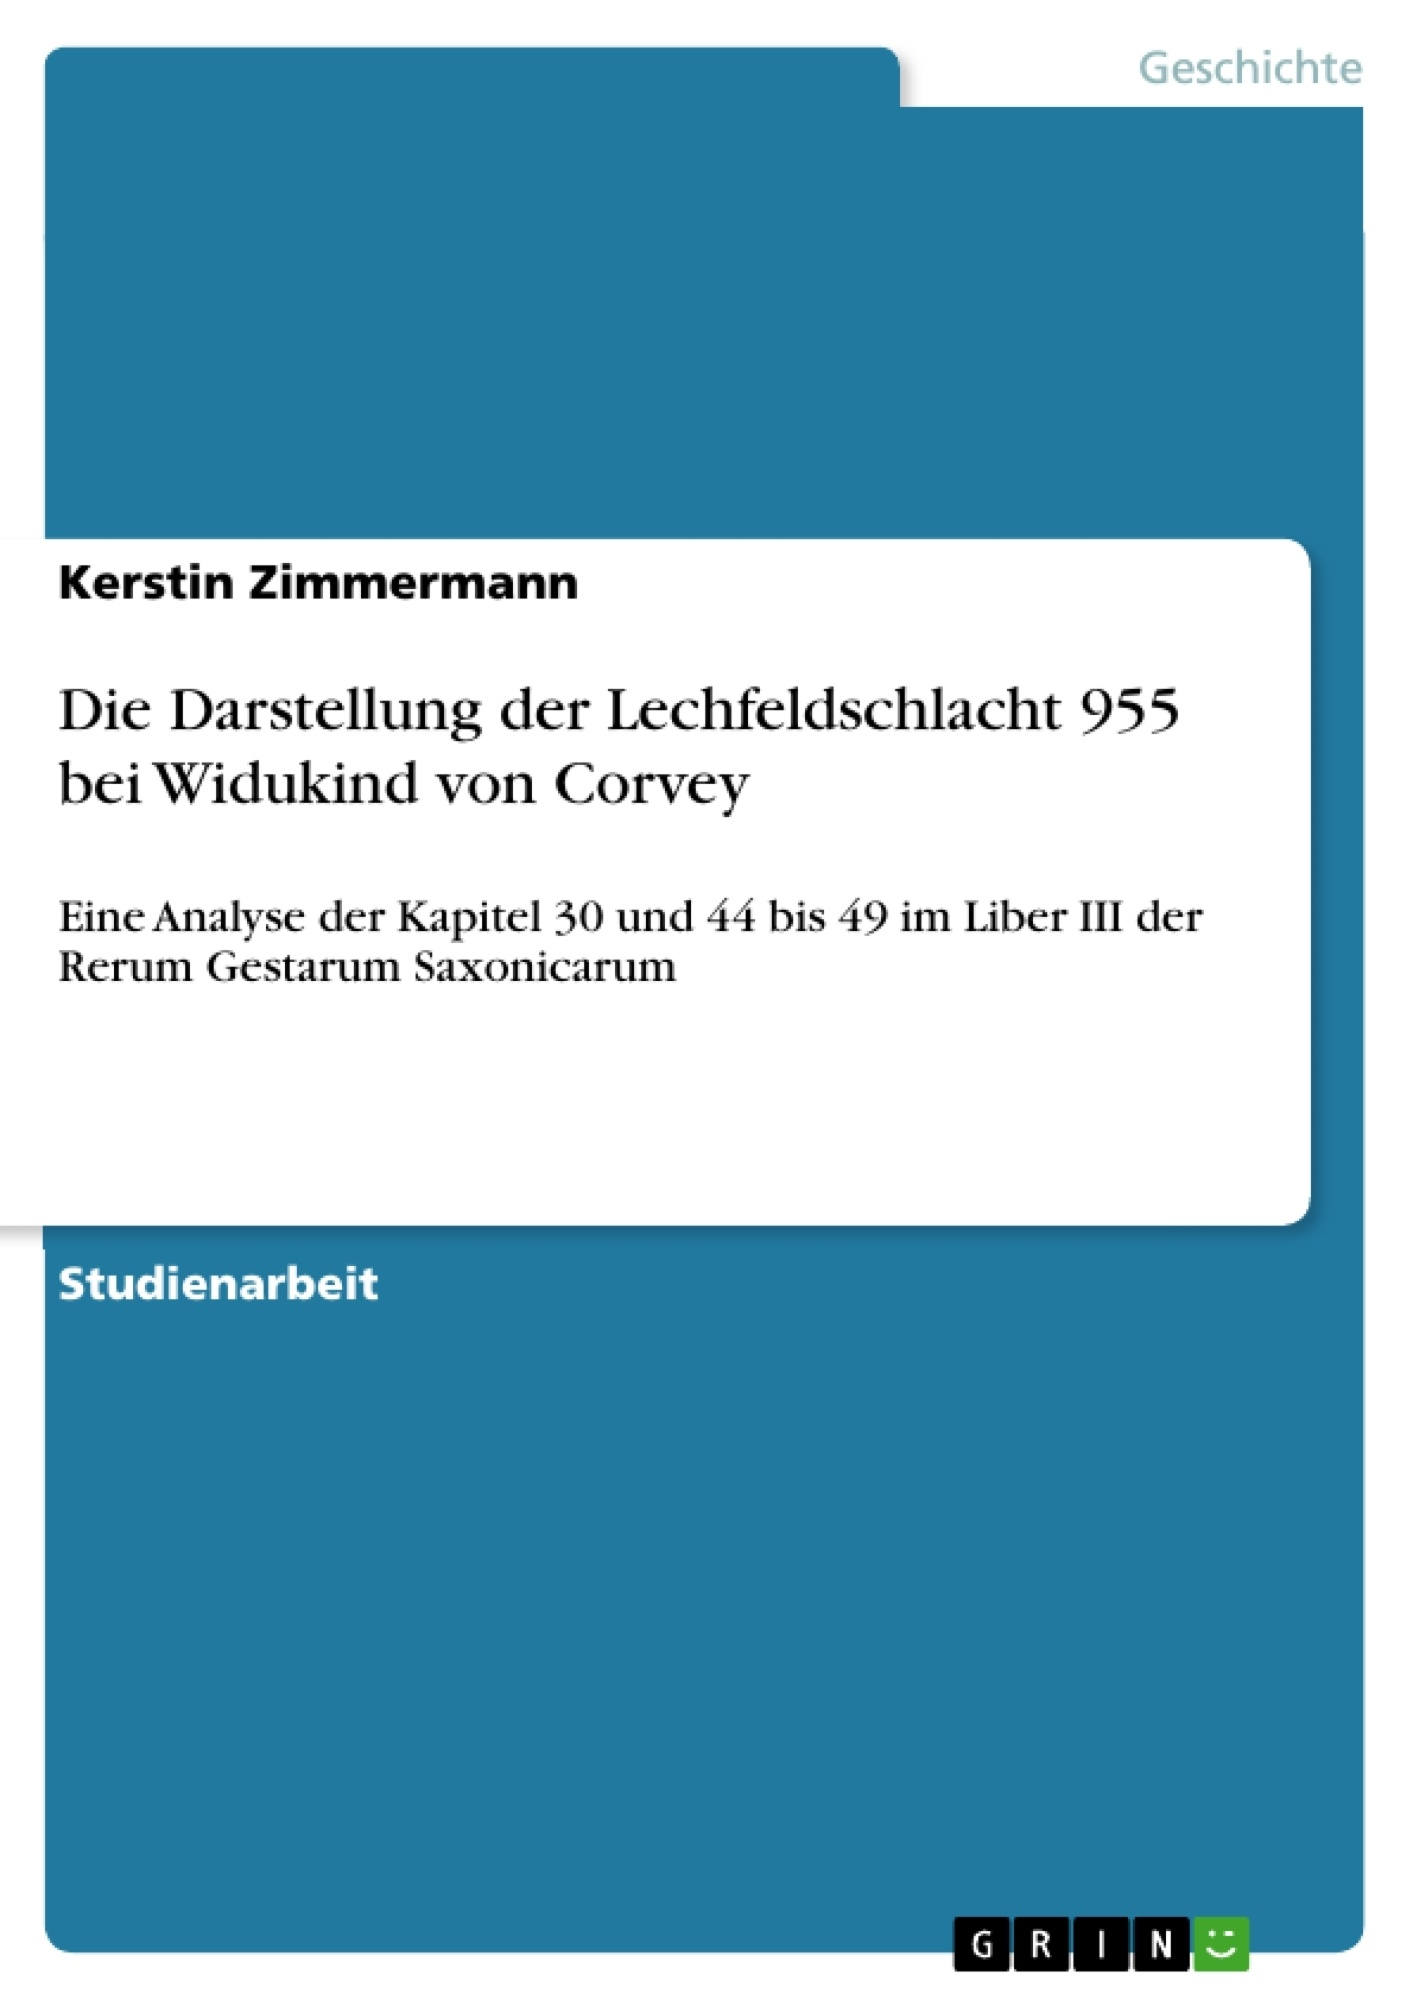 Titel: Die Darstellung der Lechfeldschlacht 955 bei Widukind von Corvey